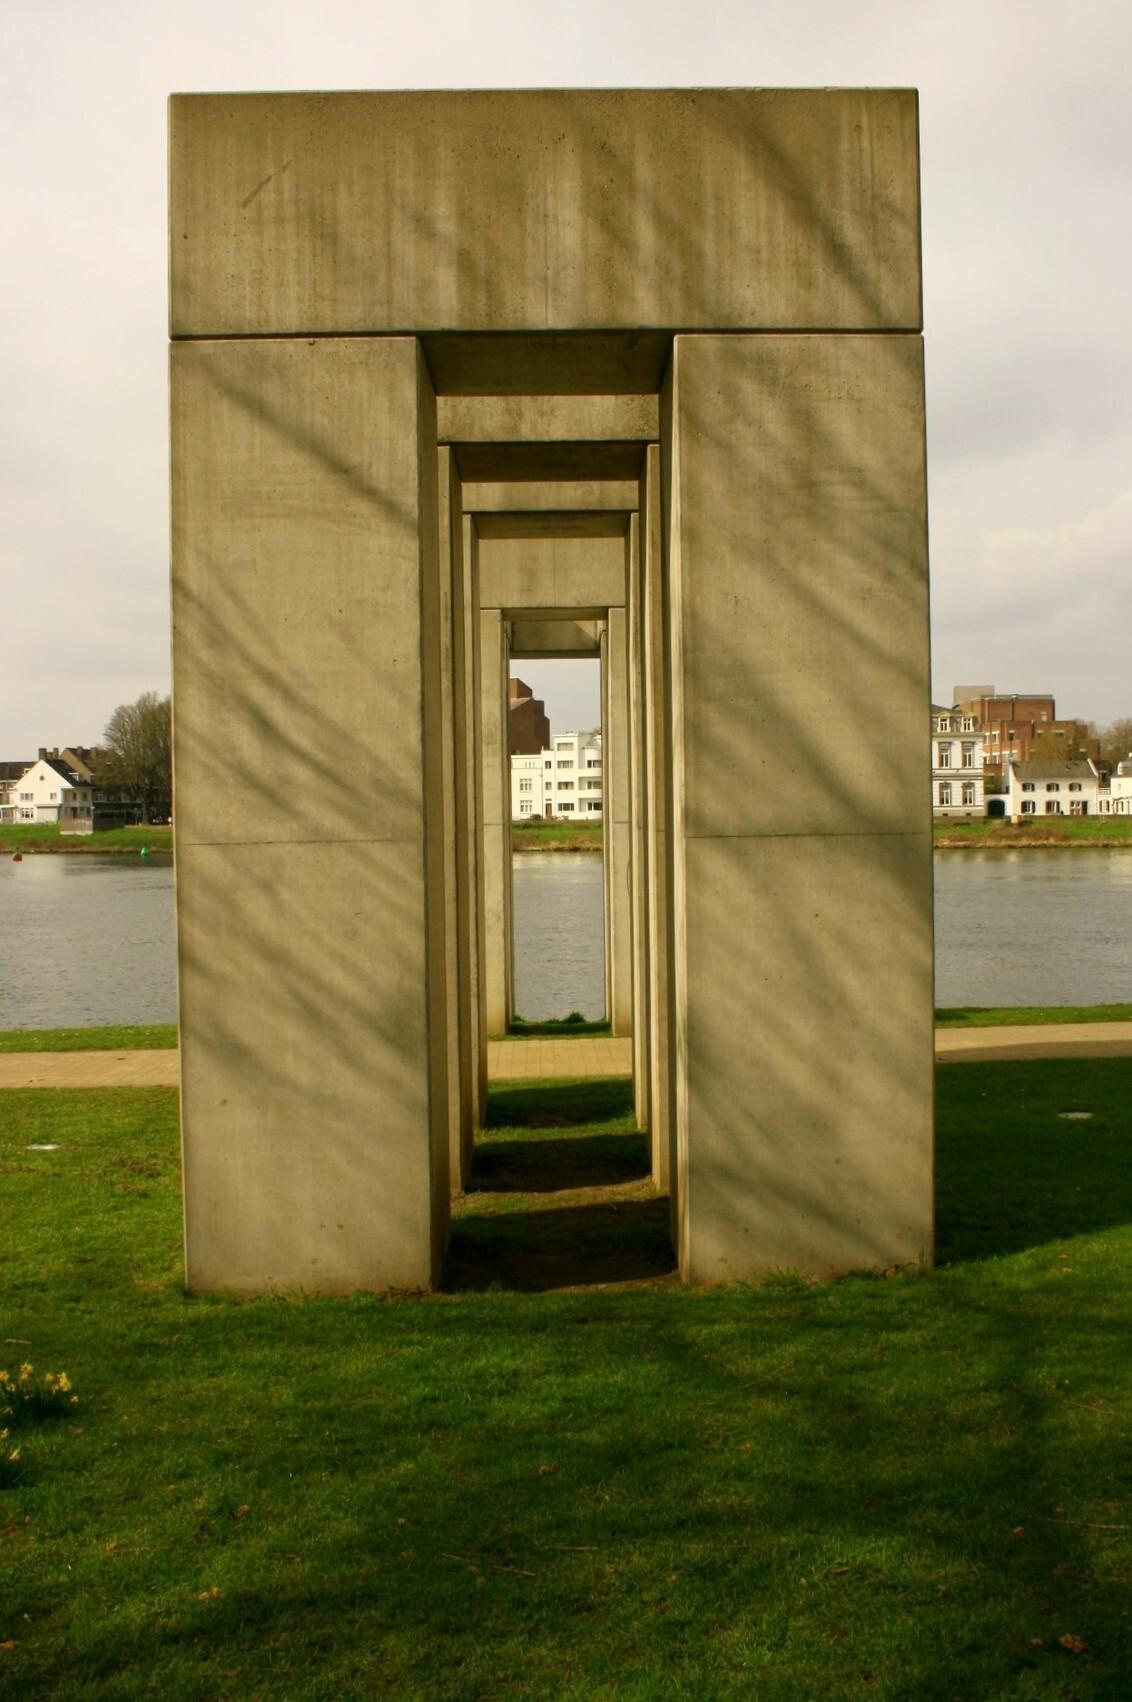 Doorkijk Kunstwerk - Een Doorkijk van een kunstwerk aan het gouvernement in Maastricht - foto door Smeets op 25-03-2021 - deze foto bevat: kunst